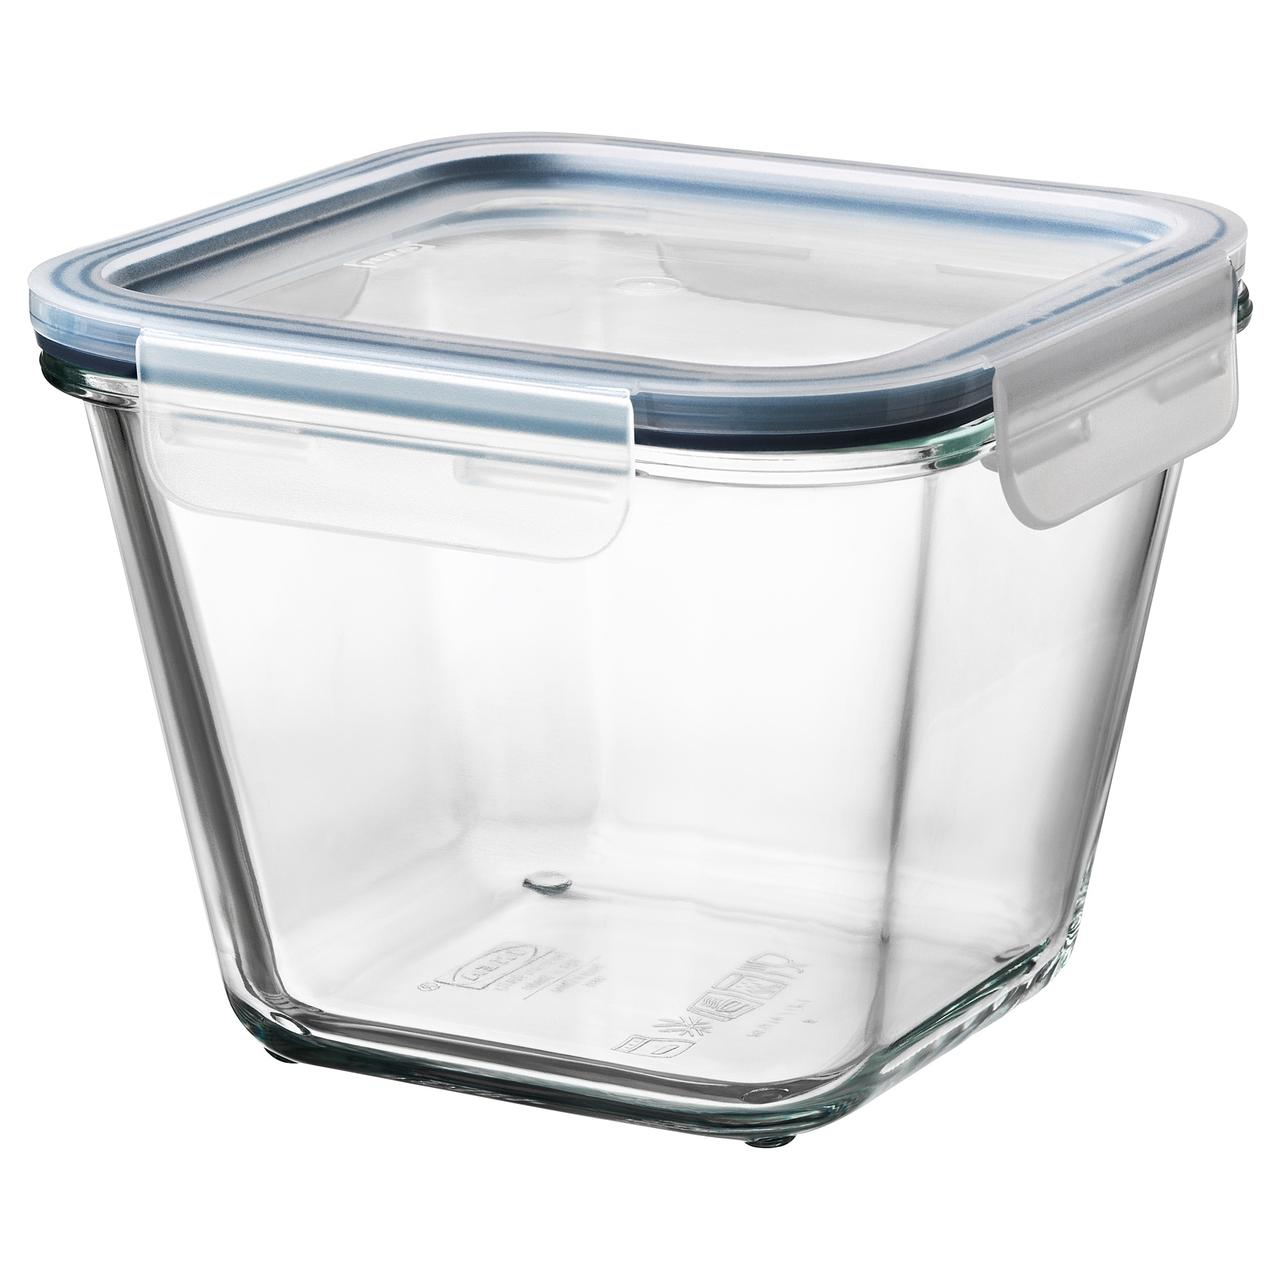 """IKEA """"ИКЕА/365+"""" Контейнер для продуктов с крышкой, четырехугольной формы стекло, стекло пластик, 1,2 л, фото 1"""